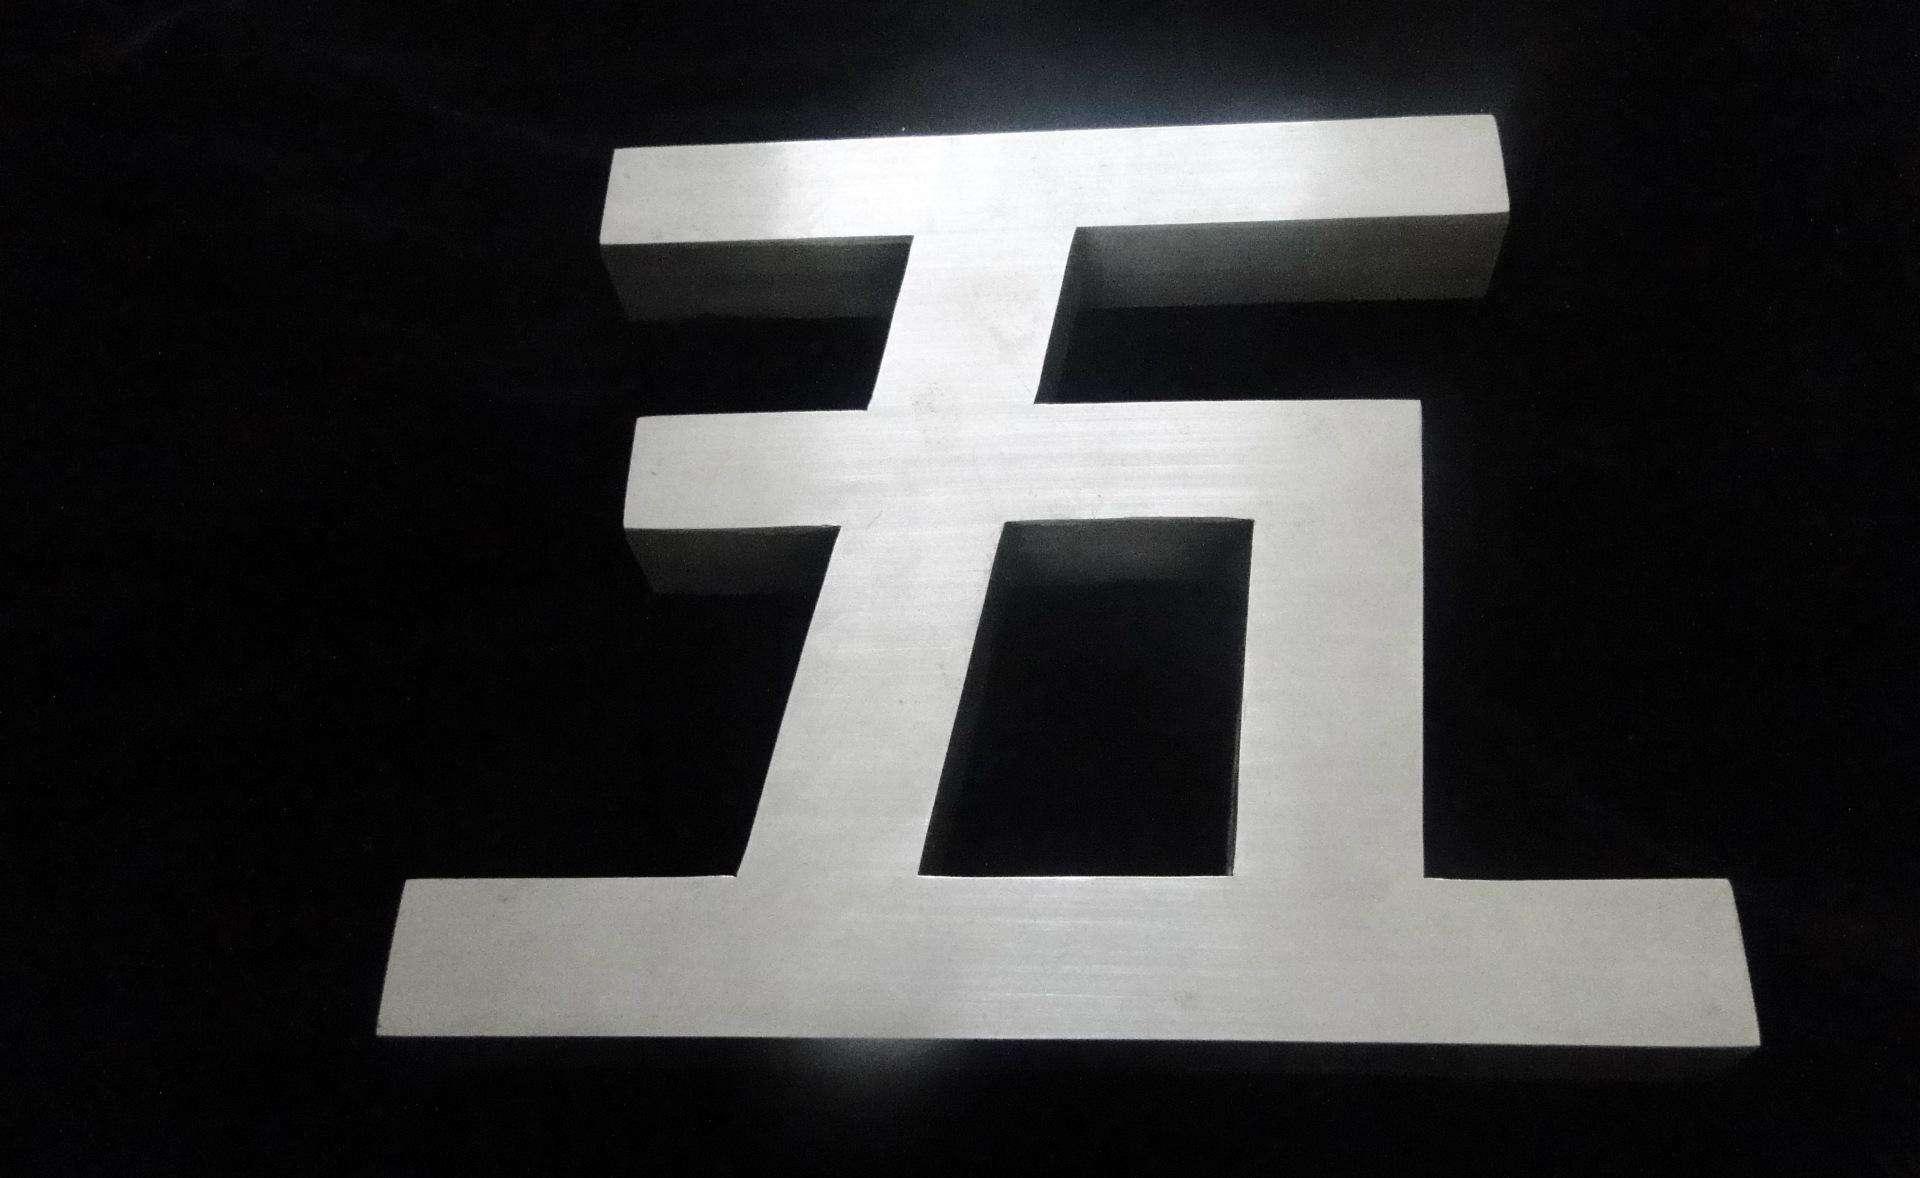 重庆精工打磨字 精工字-重庆金巨和文化传播有限公司